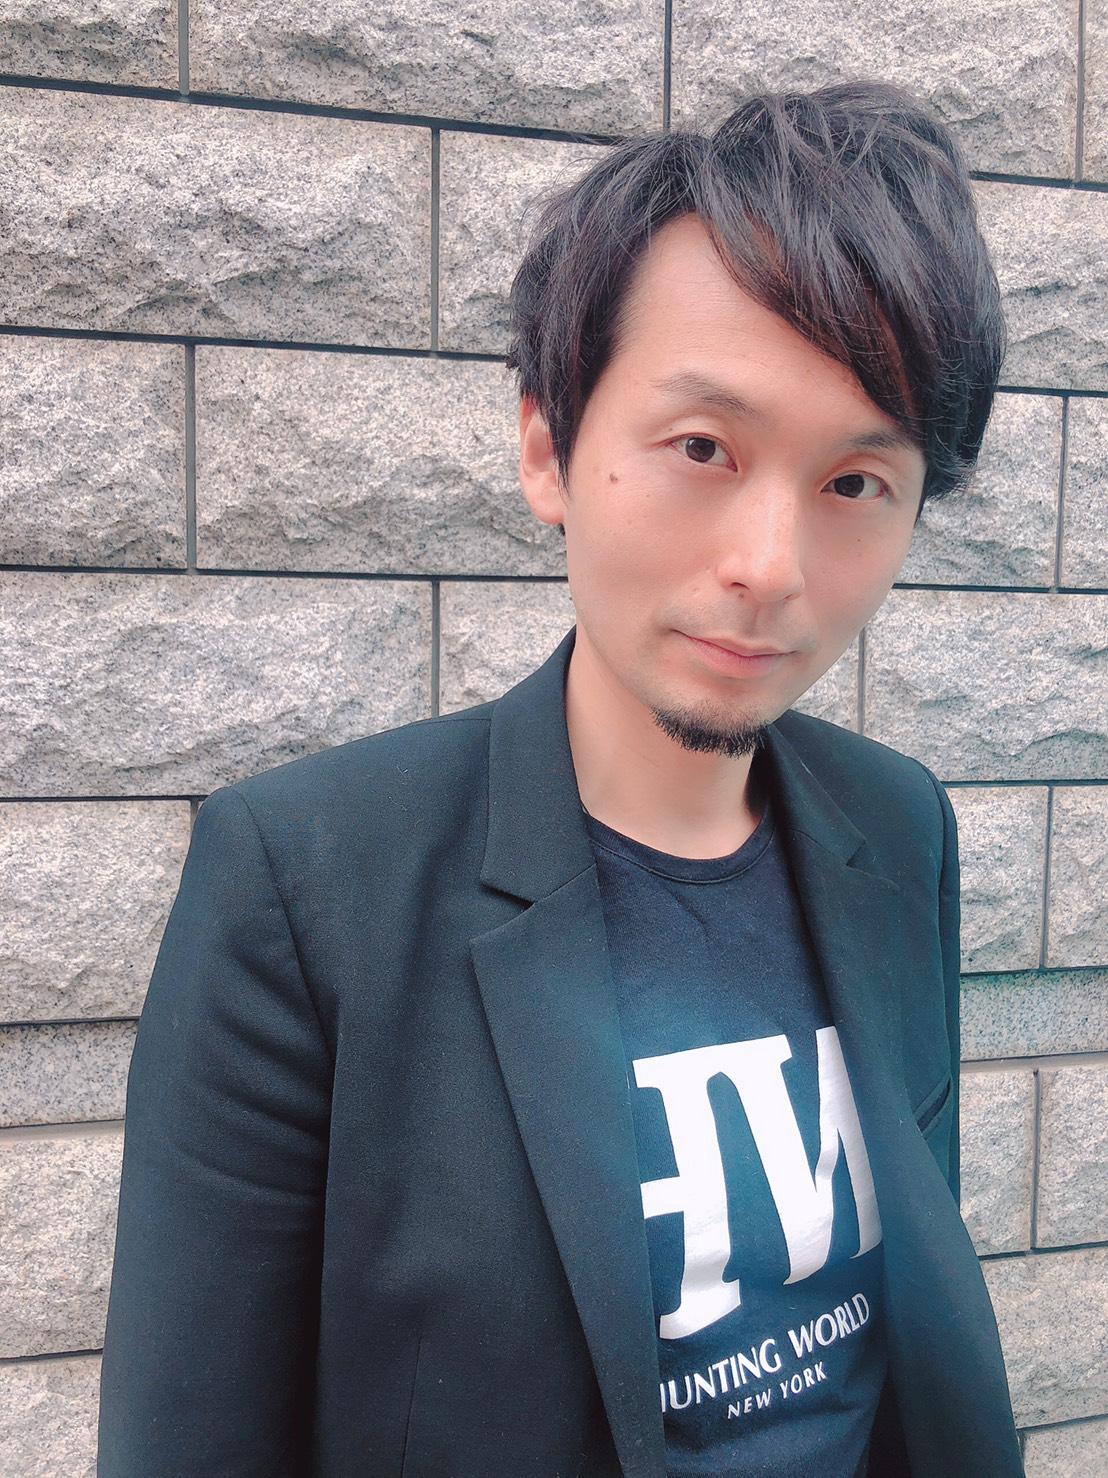 カトウタカシの美容師ブログをサイトをオープンしました。